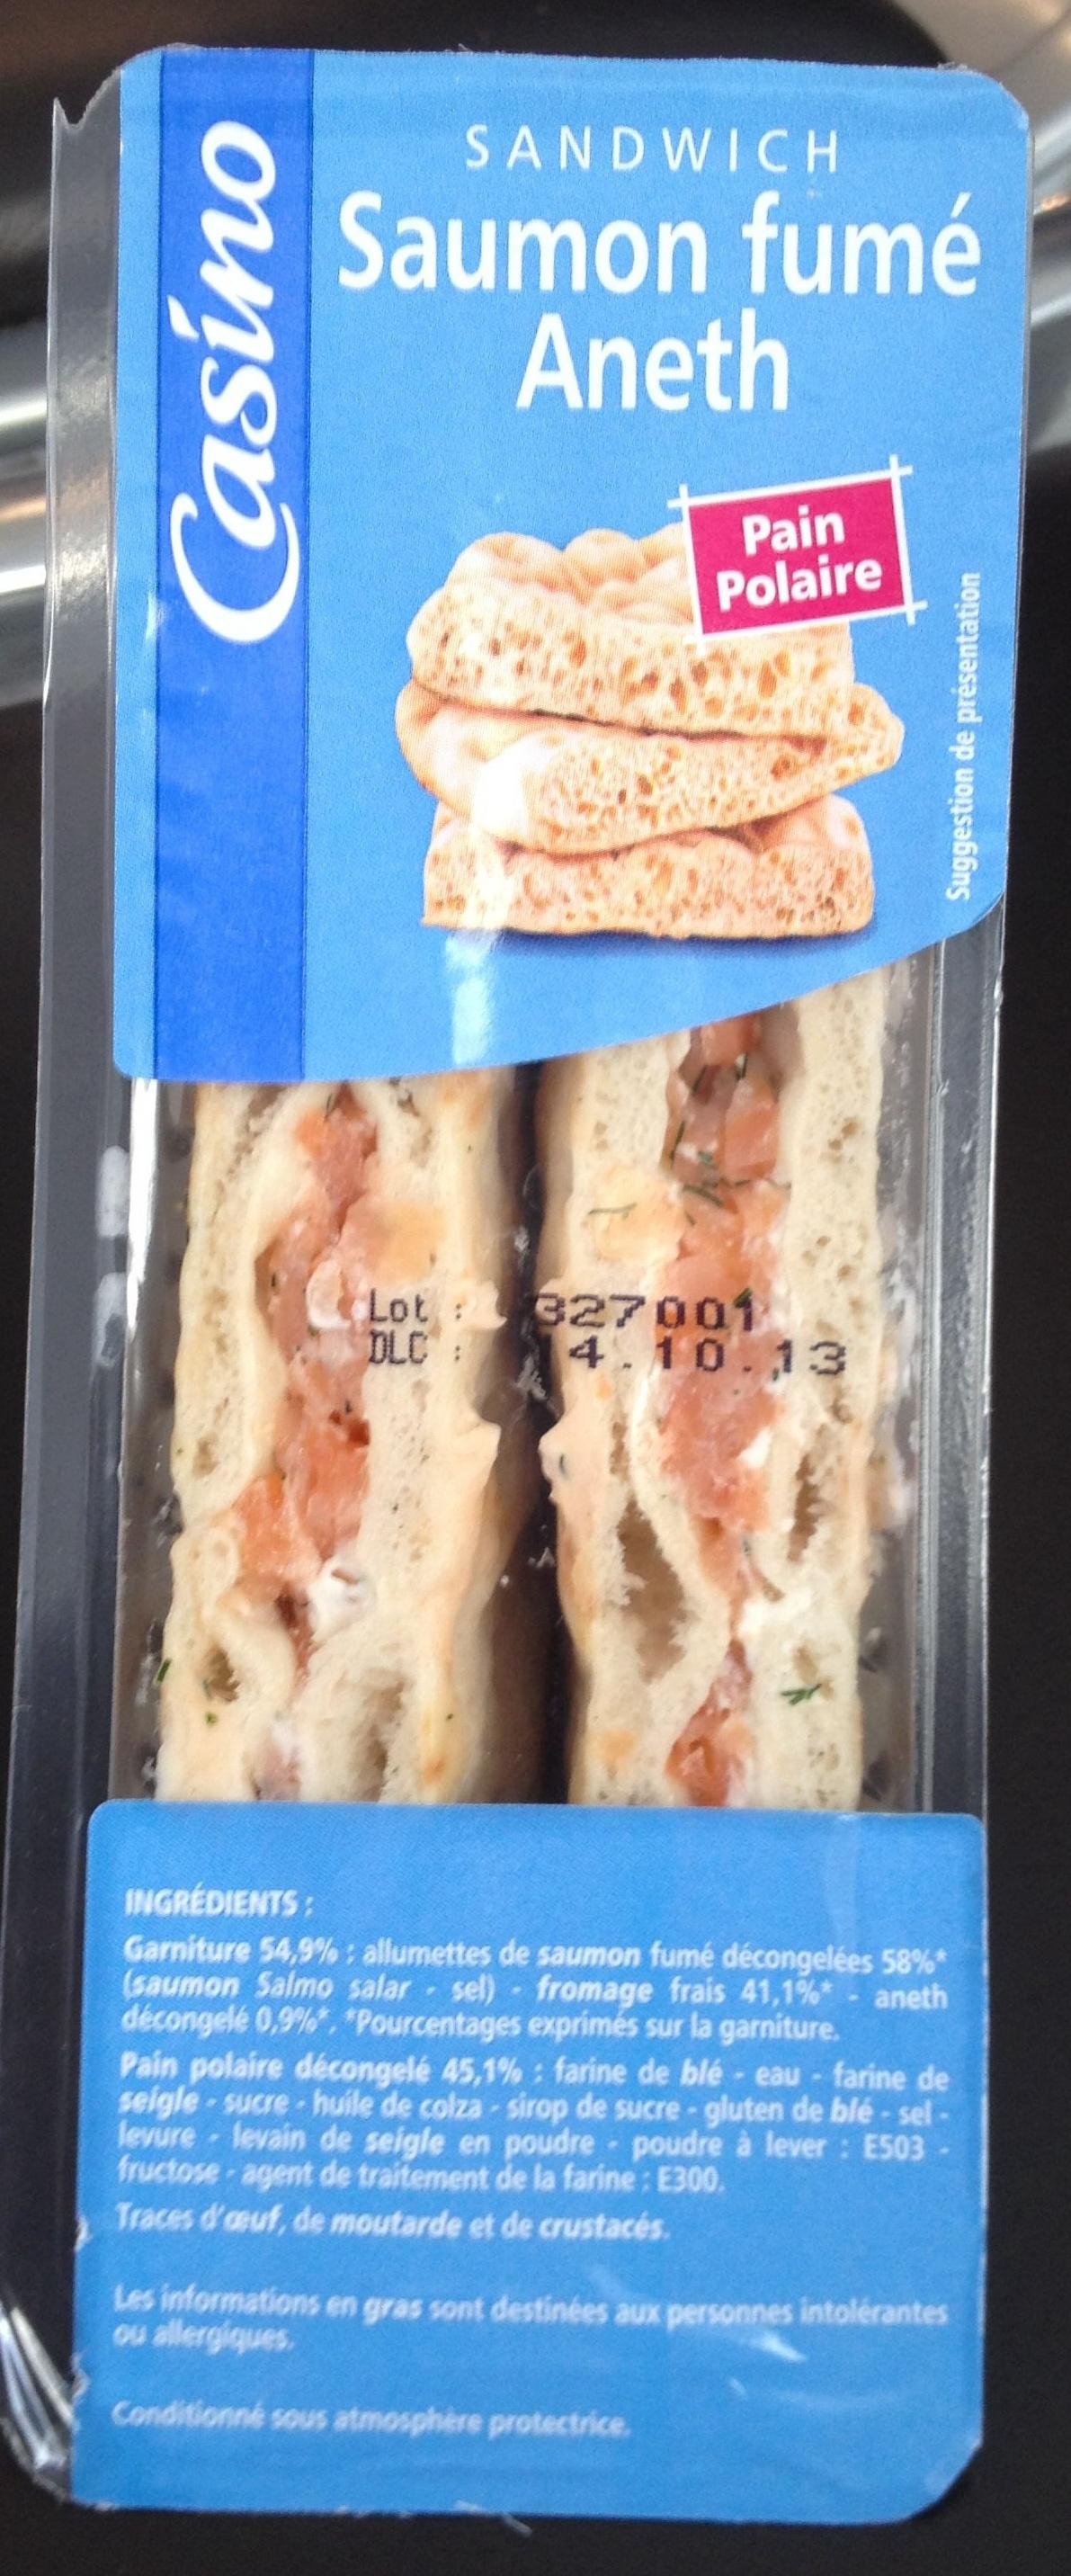 Sandwich Saumon fumé Aneth - Pain polaire - Produit